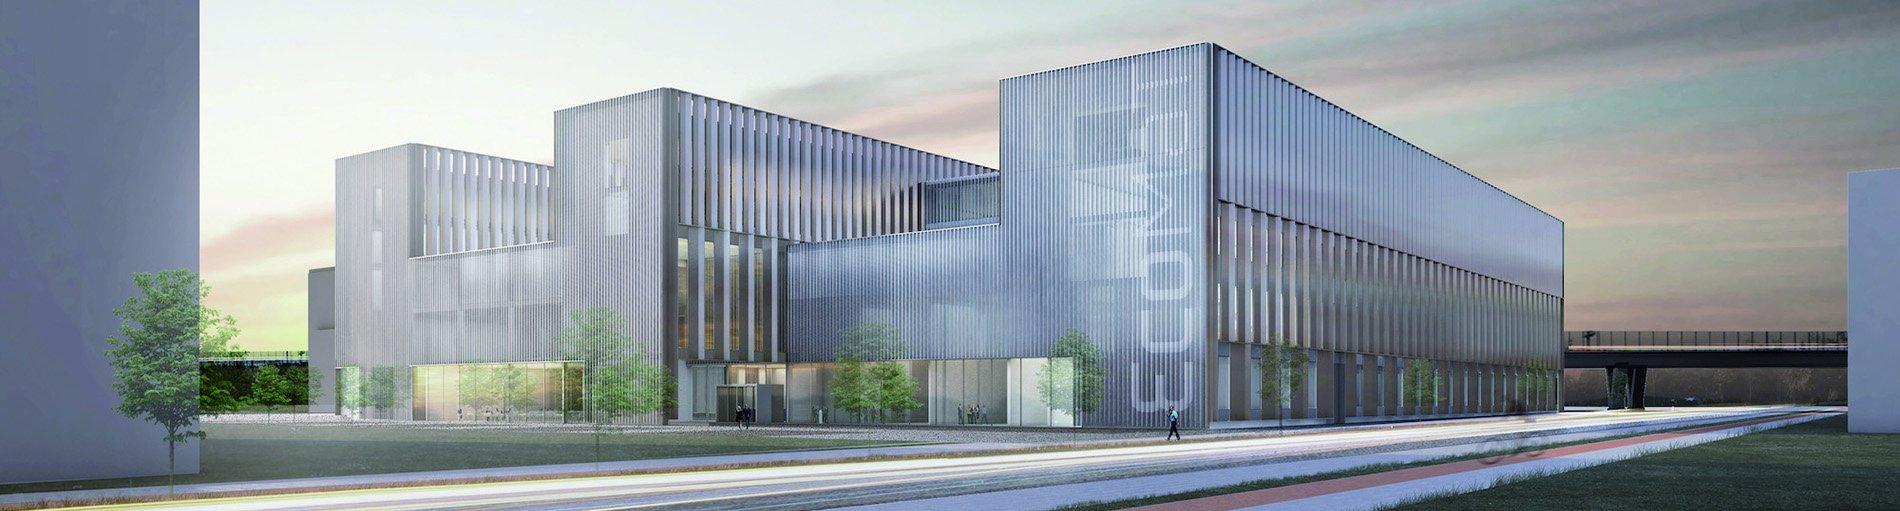 Eine Visualisierung des geplanten neuen Forschungs- und Entwicklungszentrums EcoMaT auf dem Gelände des Flughafen. (Quelle: Huber Staudt Architekten BDA)